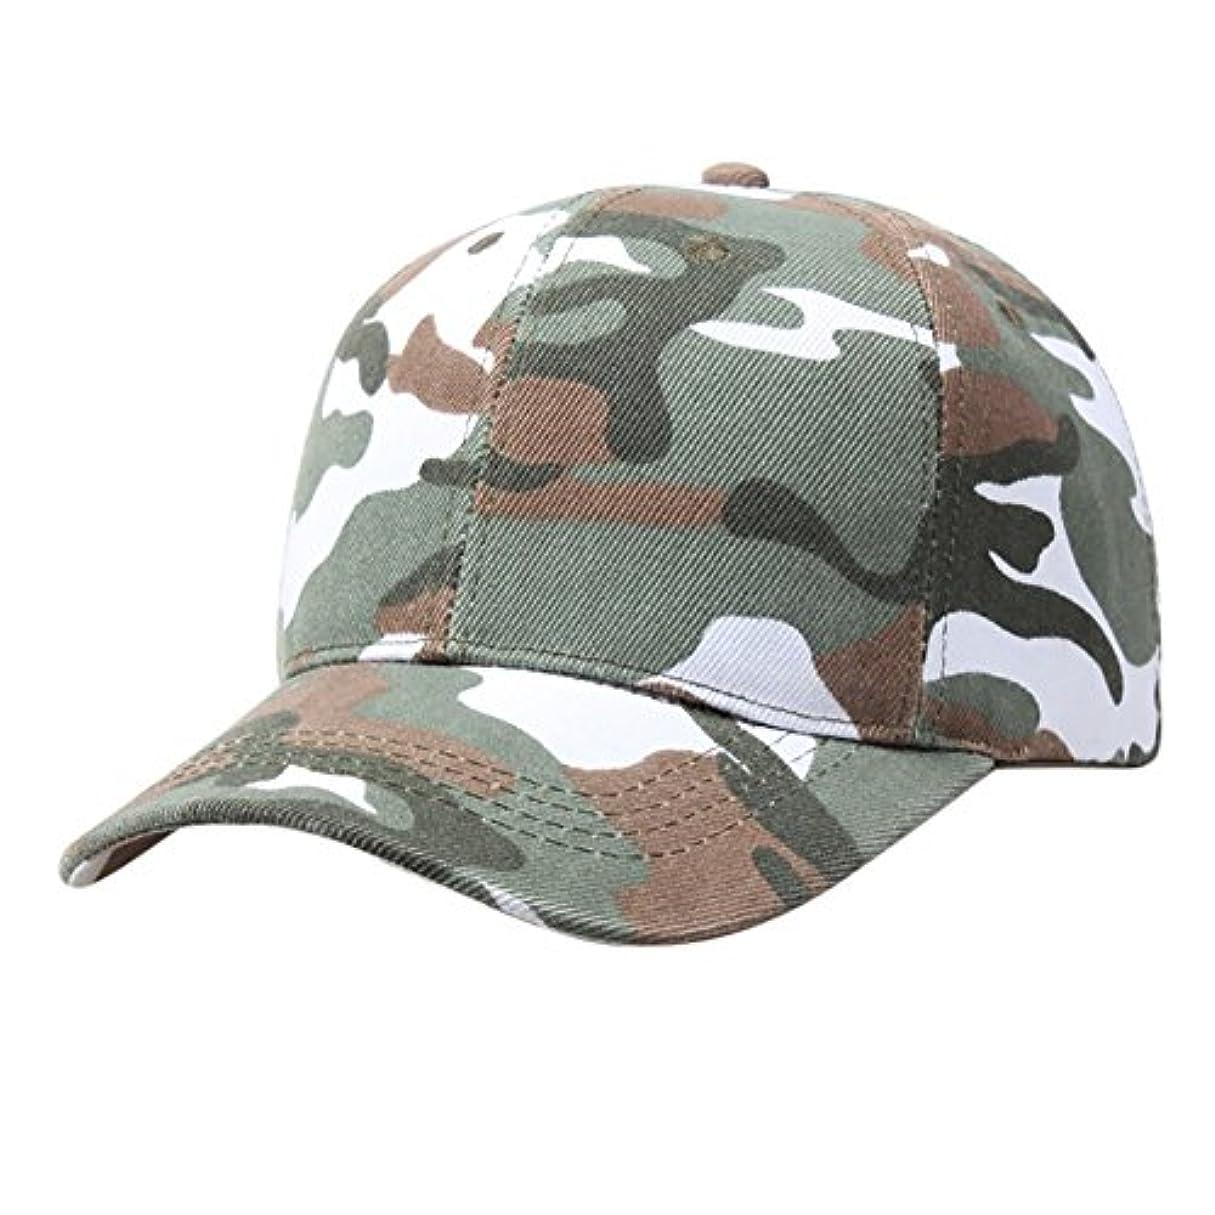 過激派からなるRacazing Cap 迷彩 野球帽 軍用 通気性のある ヒップホップ 帽子 夏 登山 緑 可調整可能 棒球帽 男女兼用 UV 帽子 軽量 屋外 カモフラージュ Unisex Cap (緑)